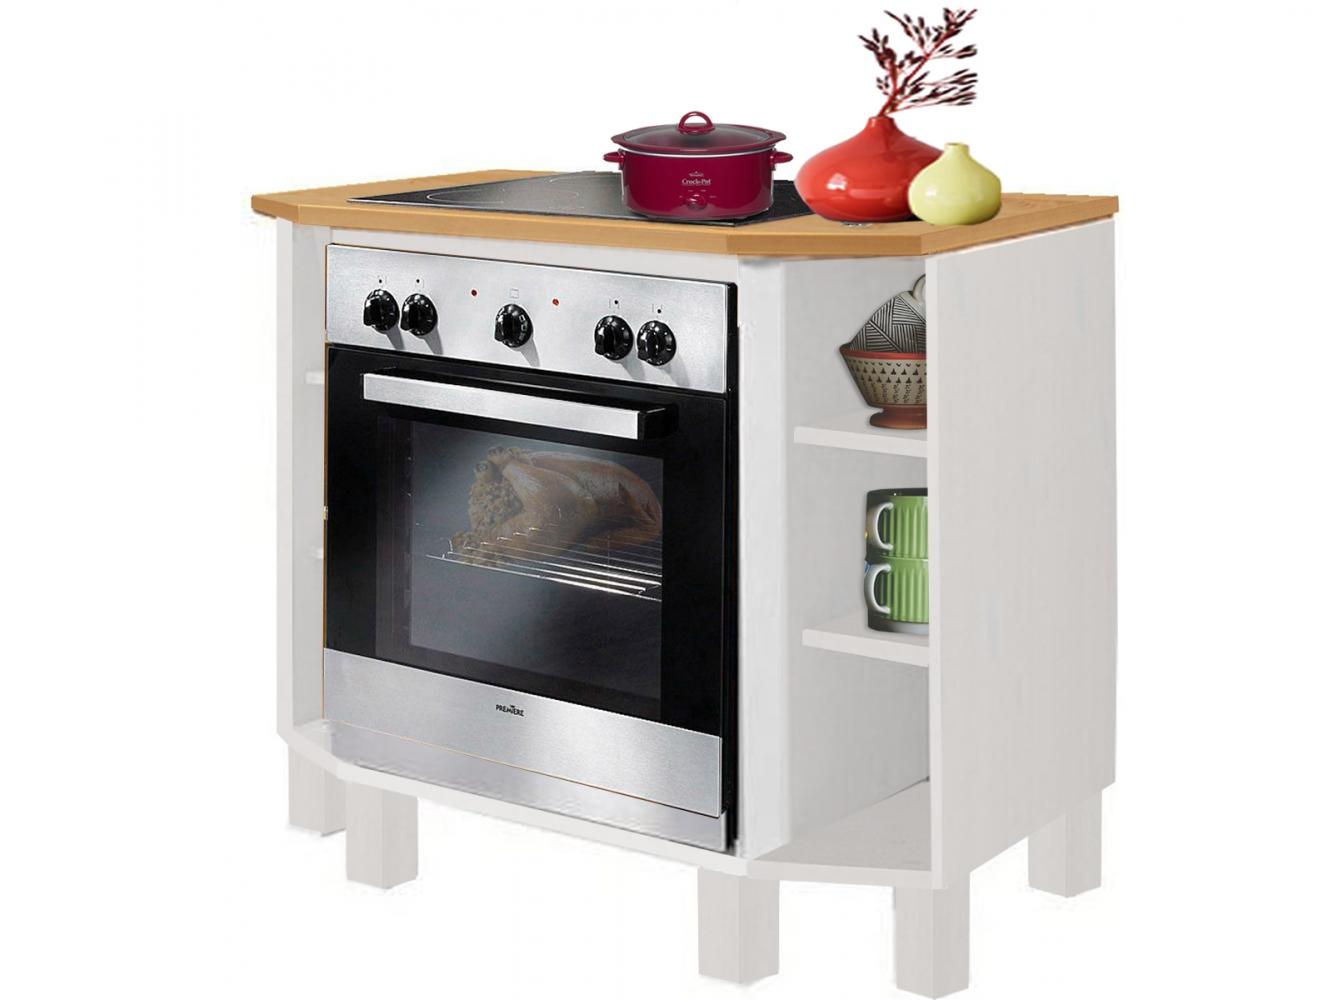 Kuchyňská skříň na vestavěnou troubu Tyle I., 100 cm, borovice / bílá